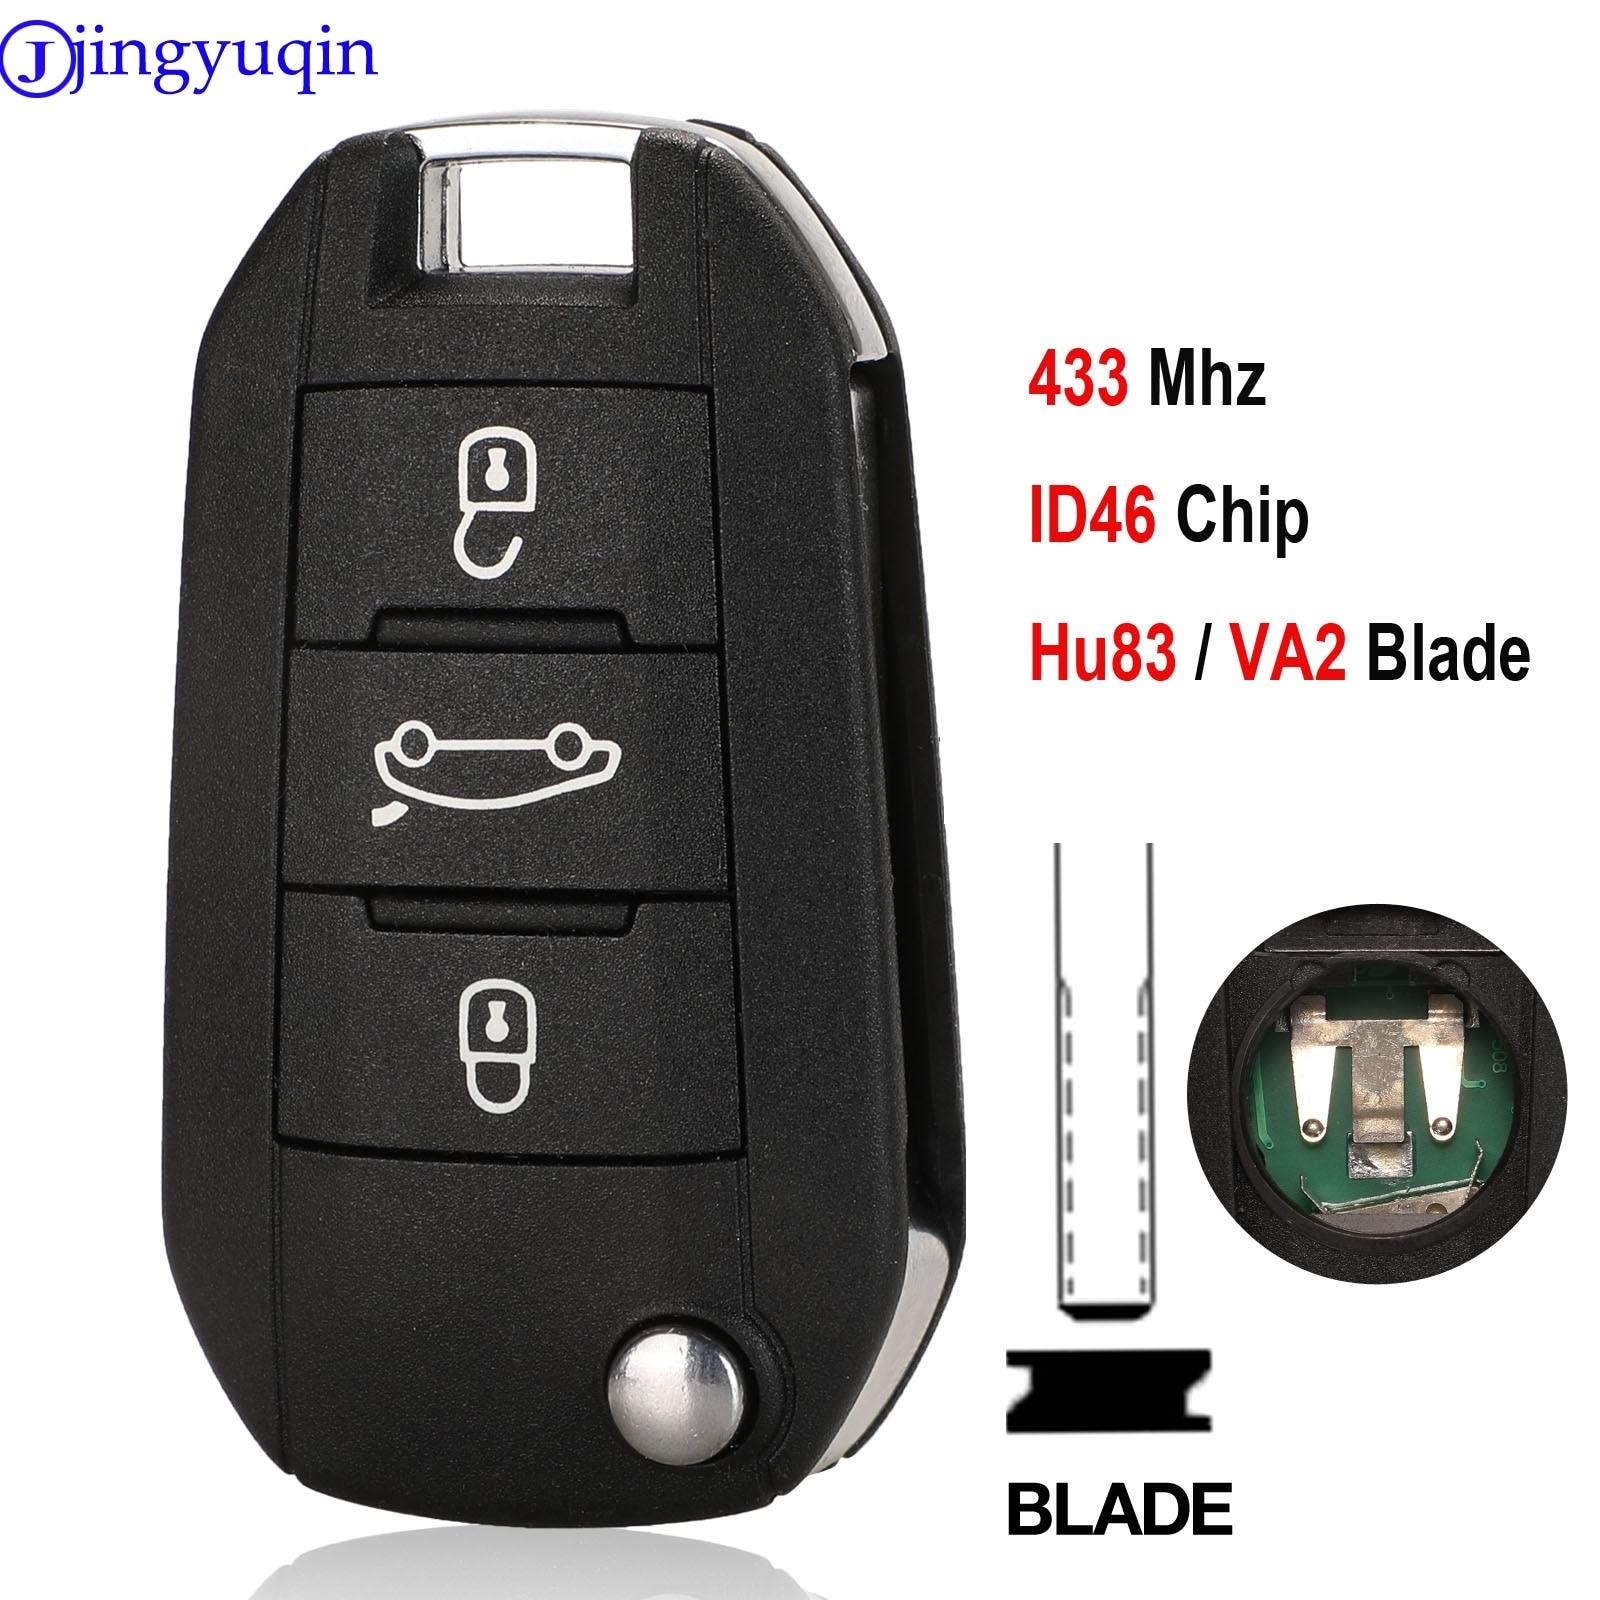 Автомобильный Дистанционный ключ jingyuqin для Citroen C4L New Elysee для Peugeot 508 3008 2008 301 434 МГц ID46 VA2 Blade